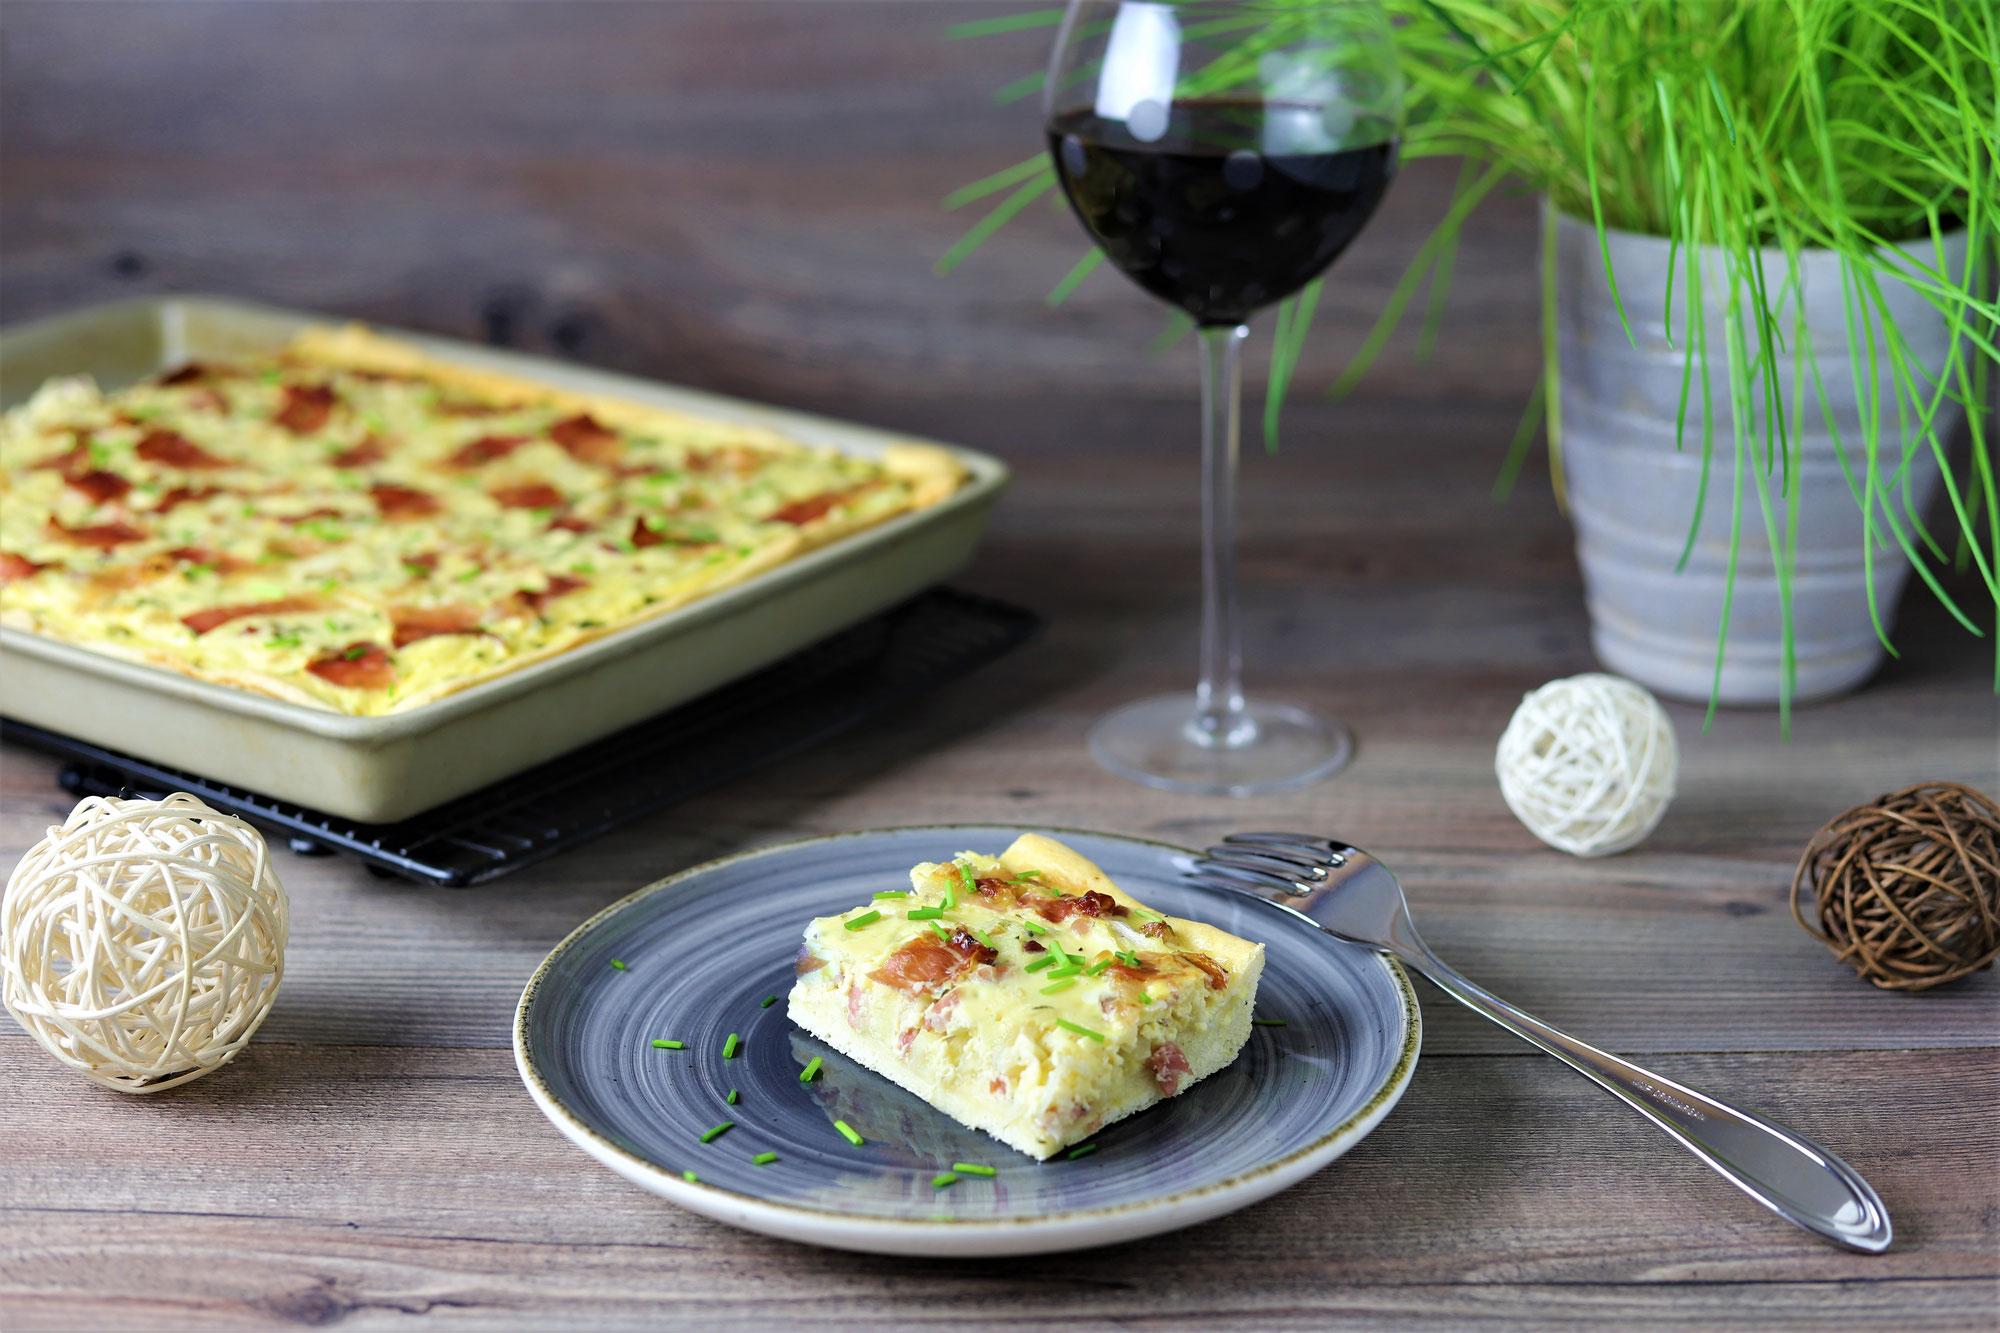 Zwiebelkuchen mit Speck im Ofenzauberer von Pampered Chef®